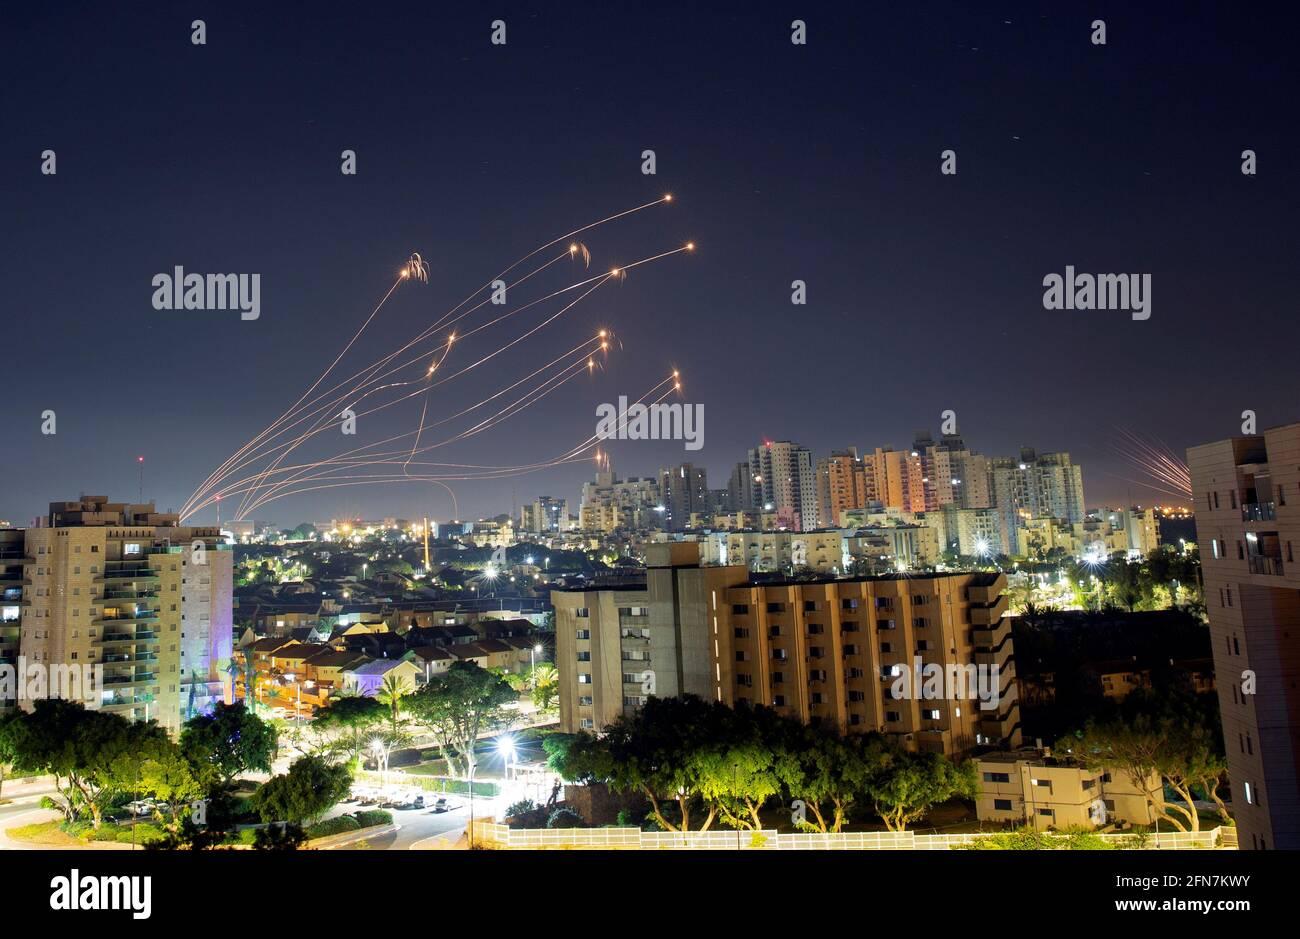 Von Aschkelon aus werden Lichtstreifen gesehen, während das israelische Raketenabwehrsystem Iron Dome Raketen abfängt, die vom Gazastreifen auf Israel abgeschossen wurden, 15. Mai 2021. REUTERS/Amir Cohen Stockfoto